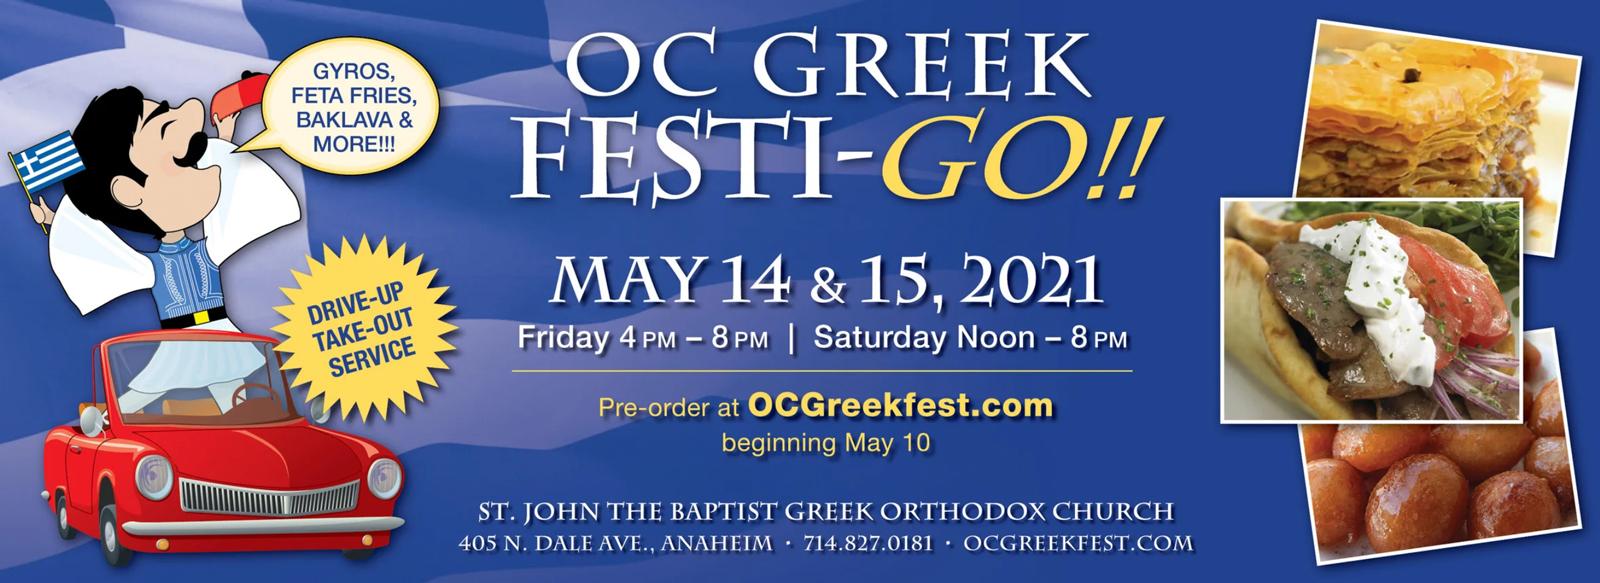 C-Greek-Festi-Go-2021_banner